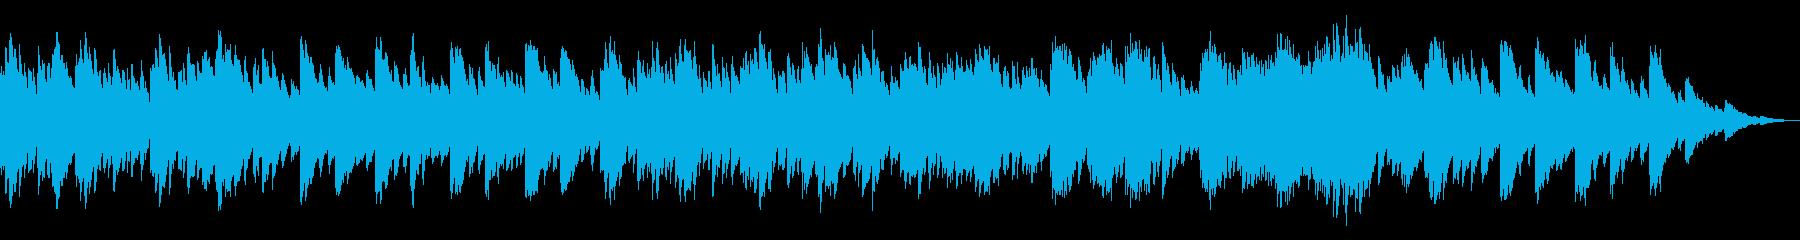 ゆったりと幻想的なピアノソロ曲の再生済みの波形